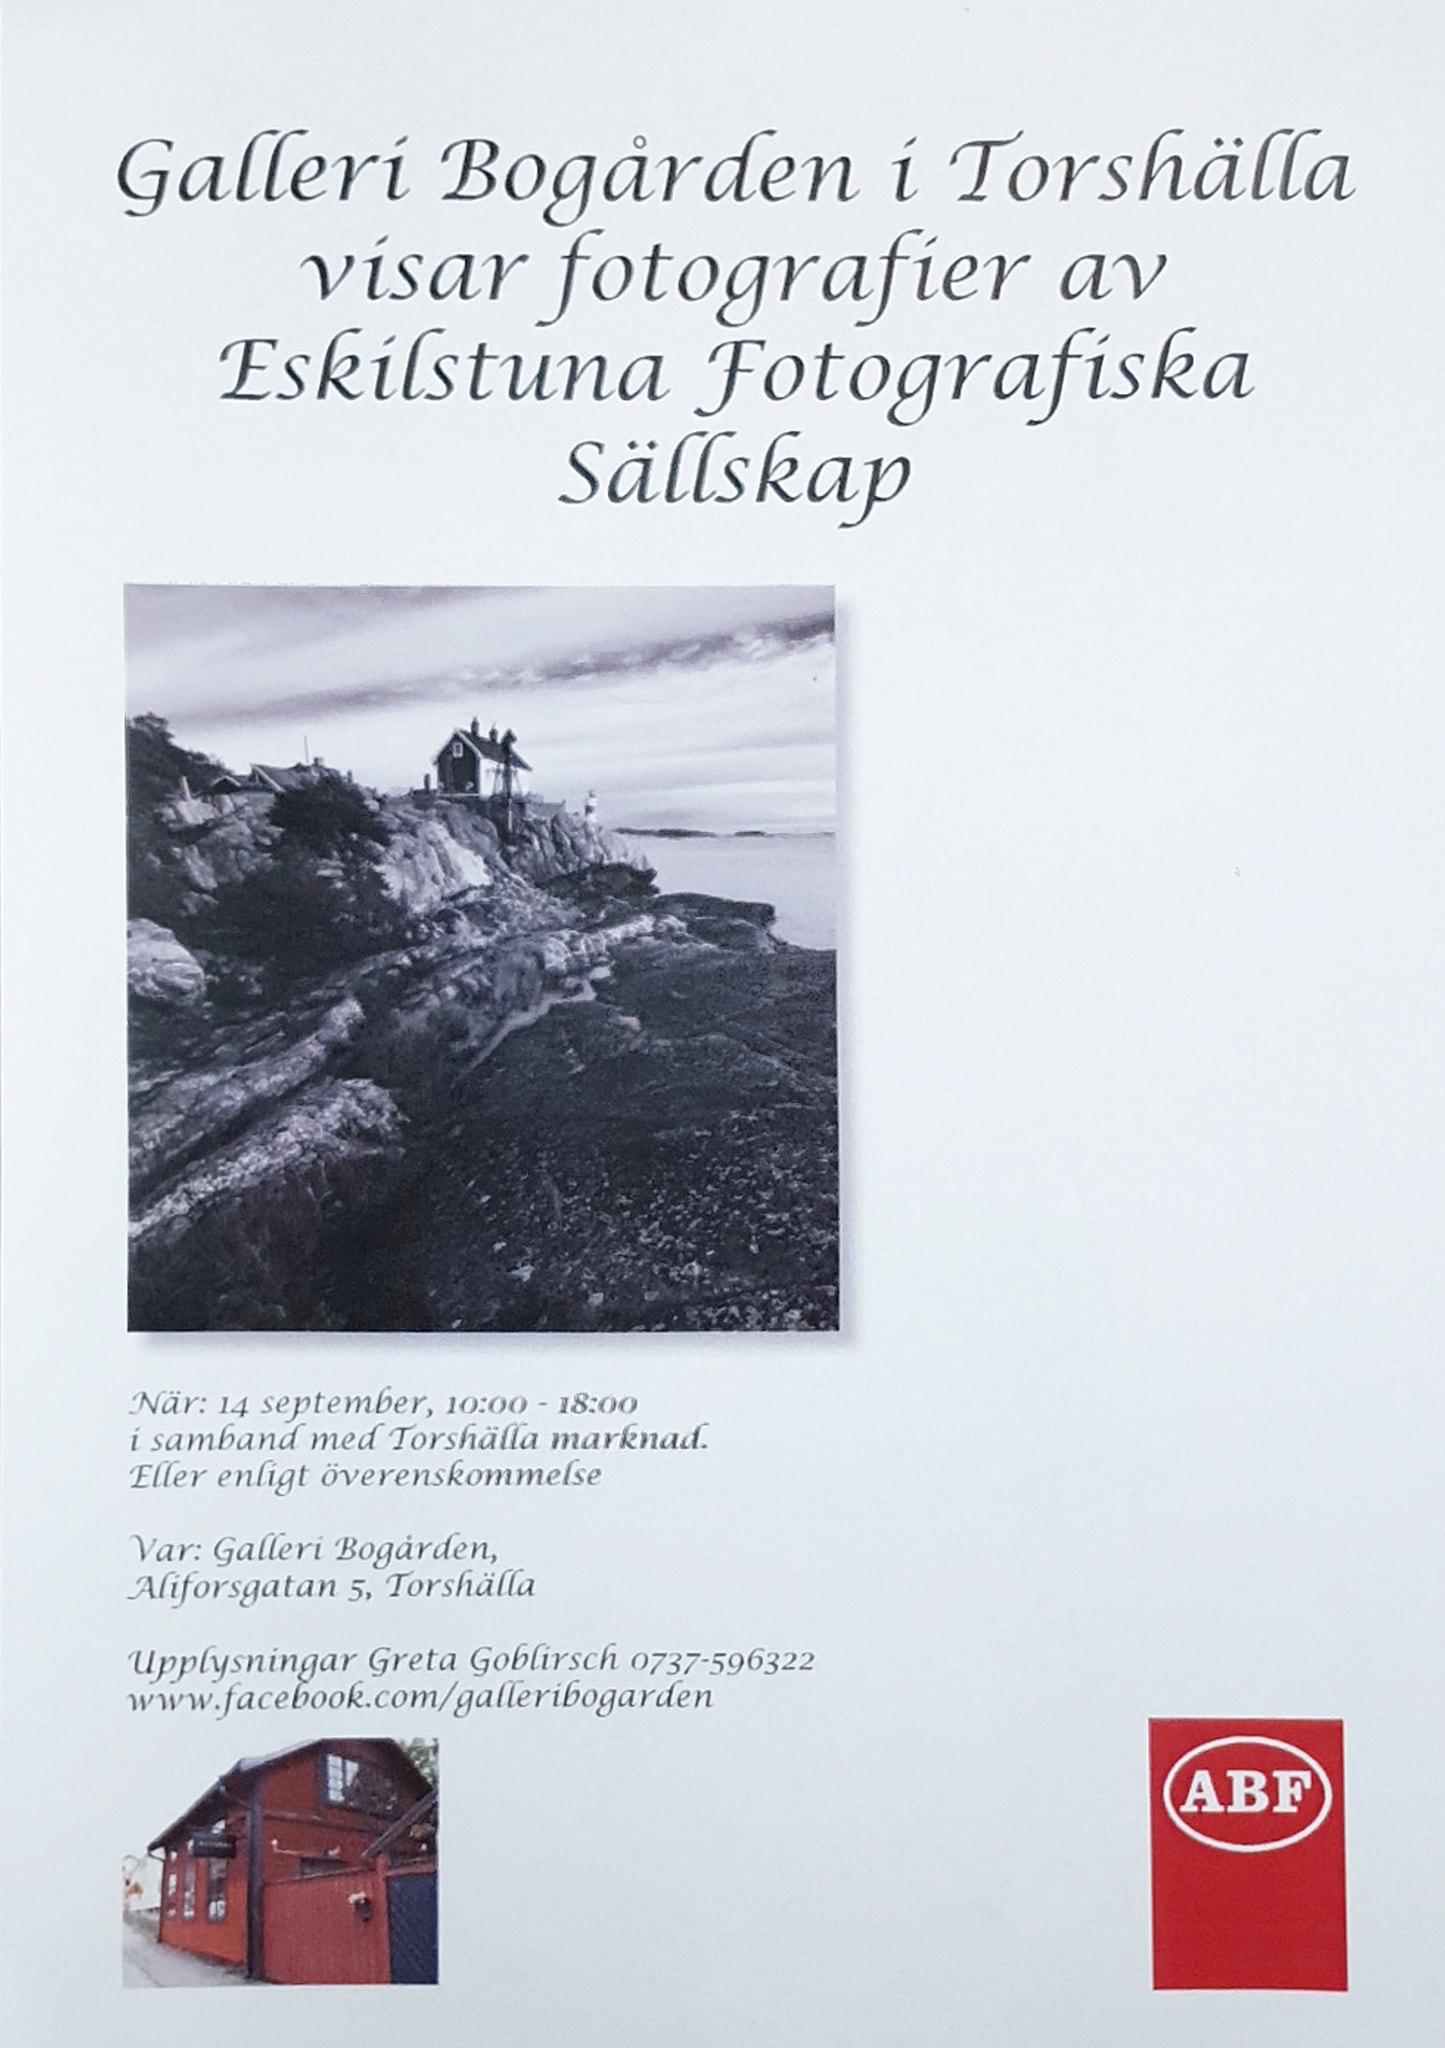 eFotografiska_bogården